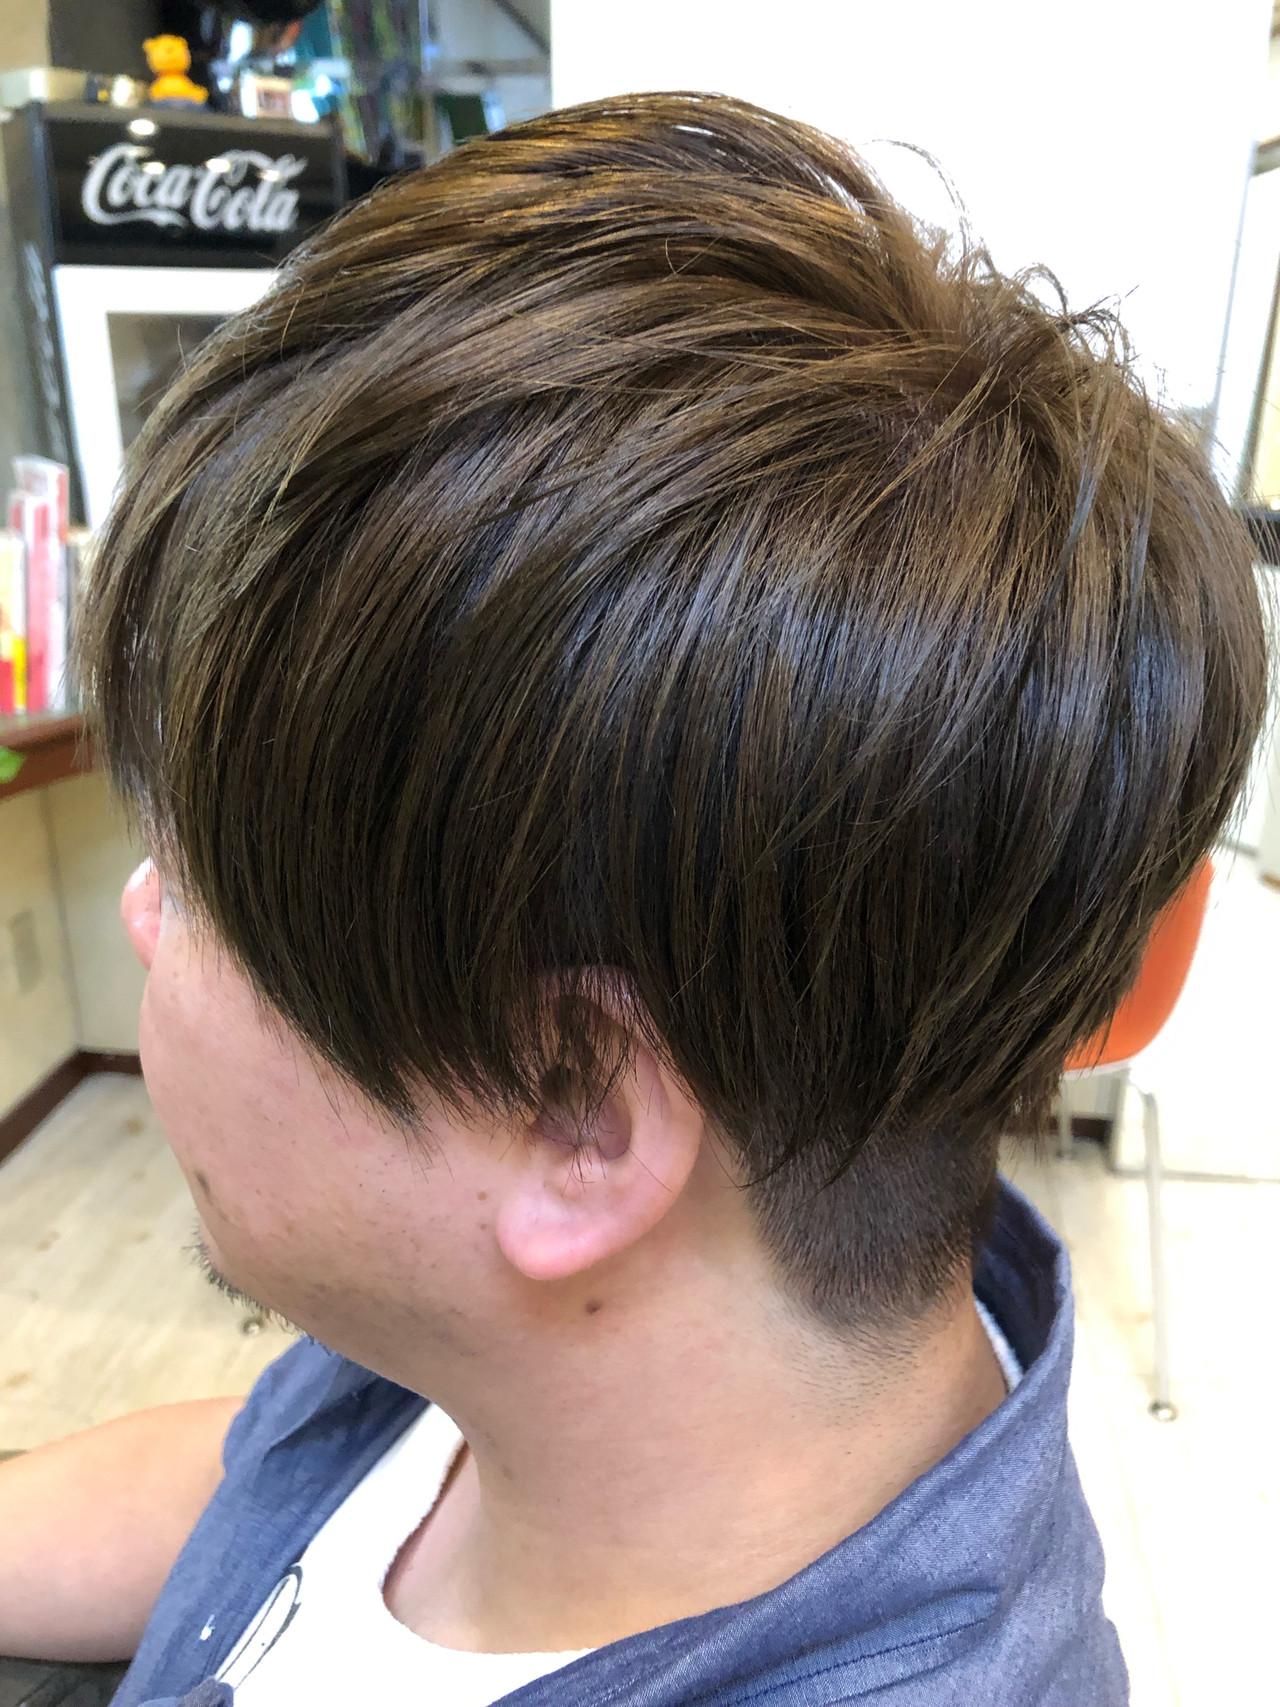 ショート メンズスタイル メンズショート ストリート ヘアスタイルや髪型の写真・画像   TMe hair/tomoe chiba / TMe hair川崎小田